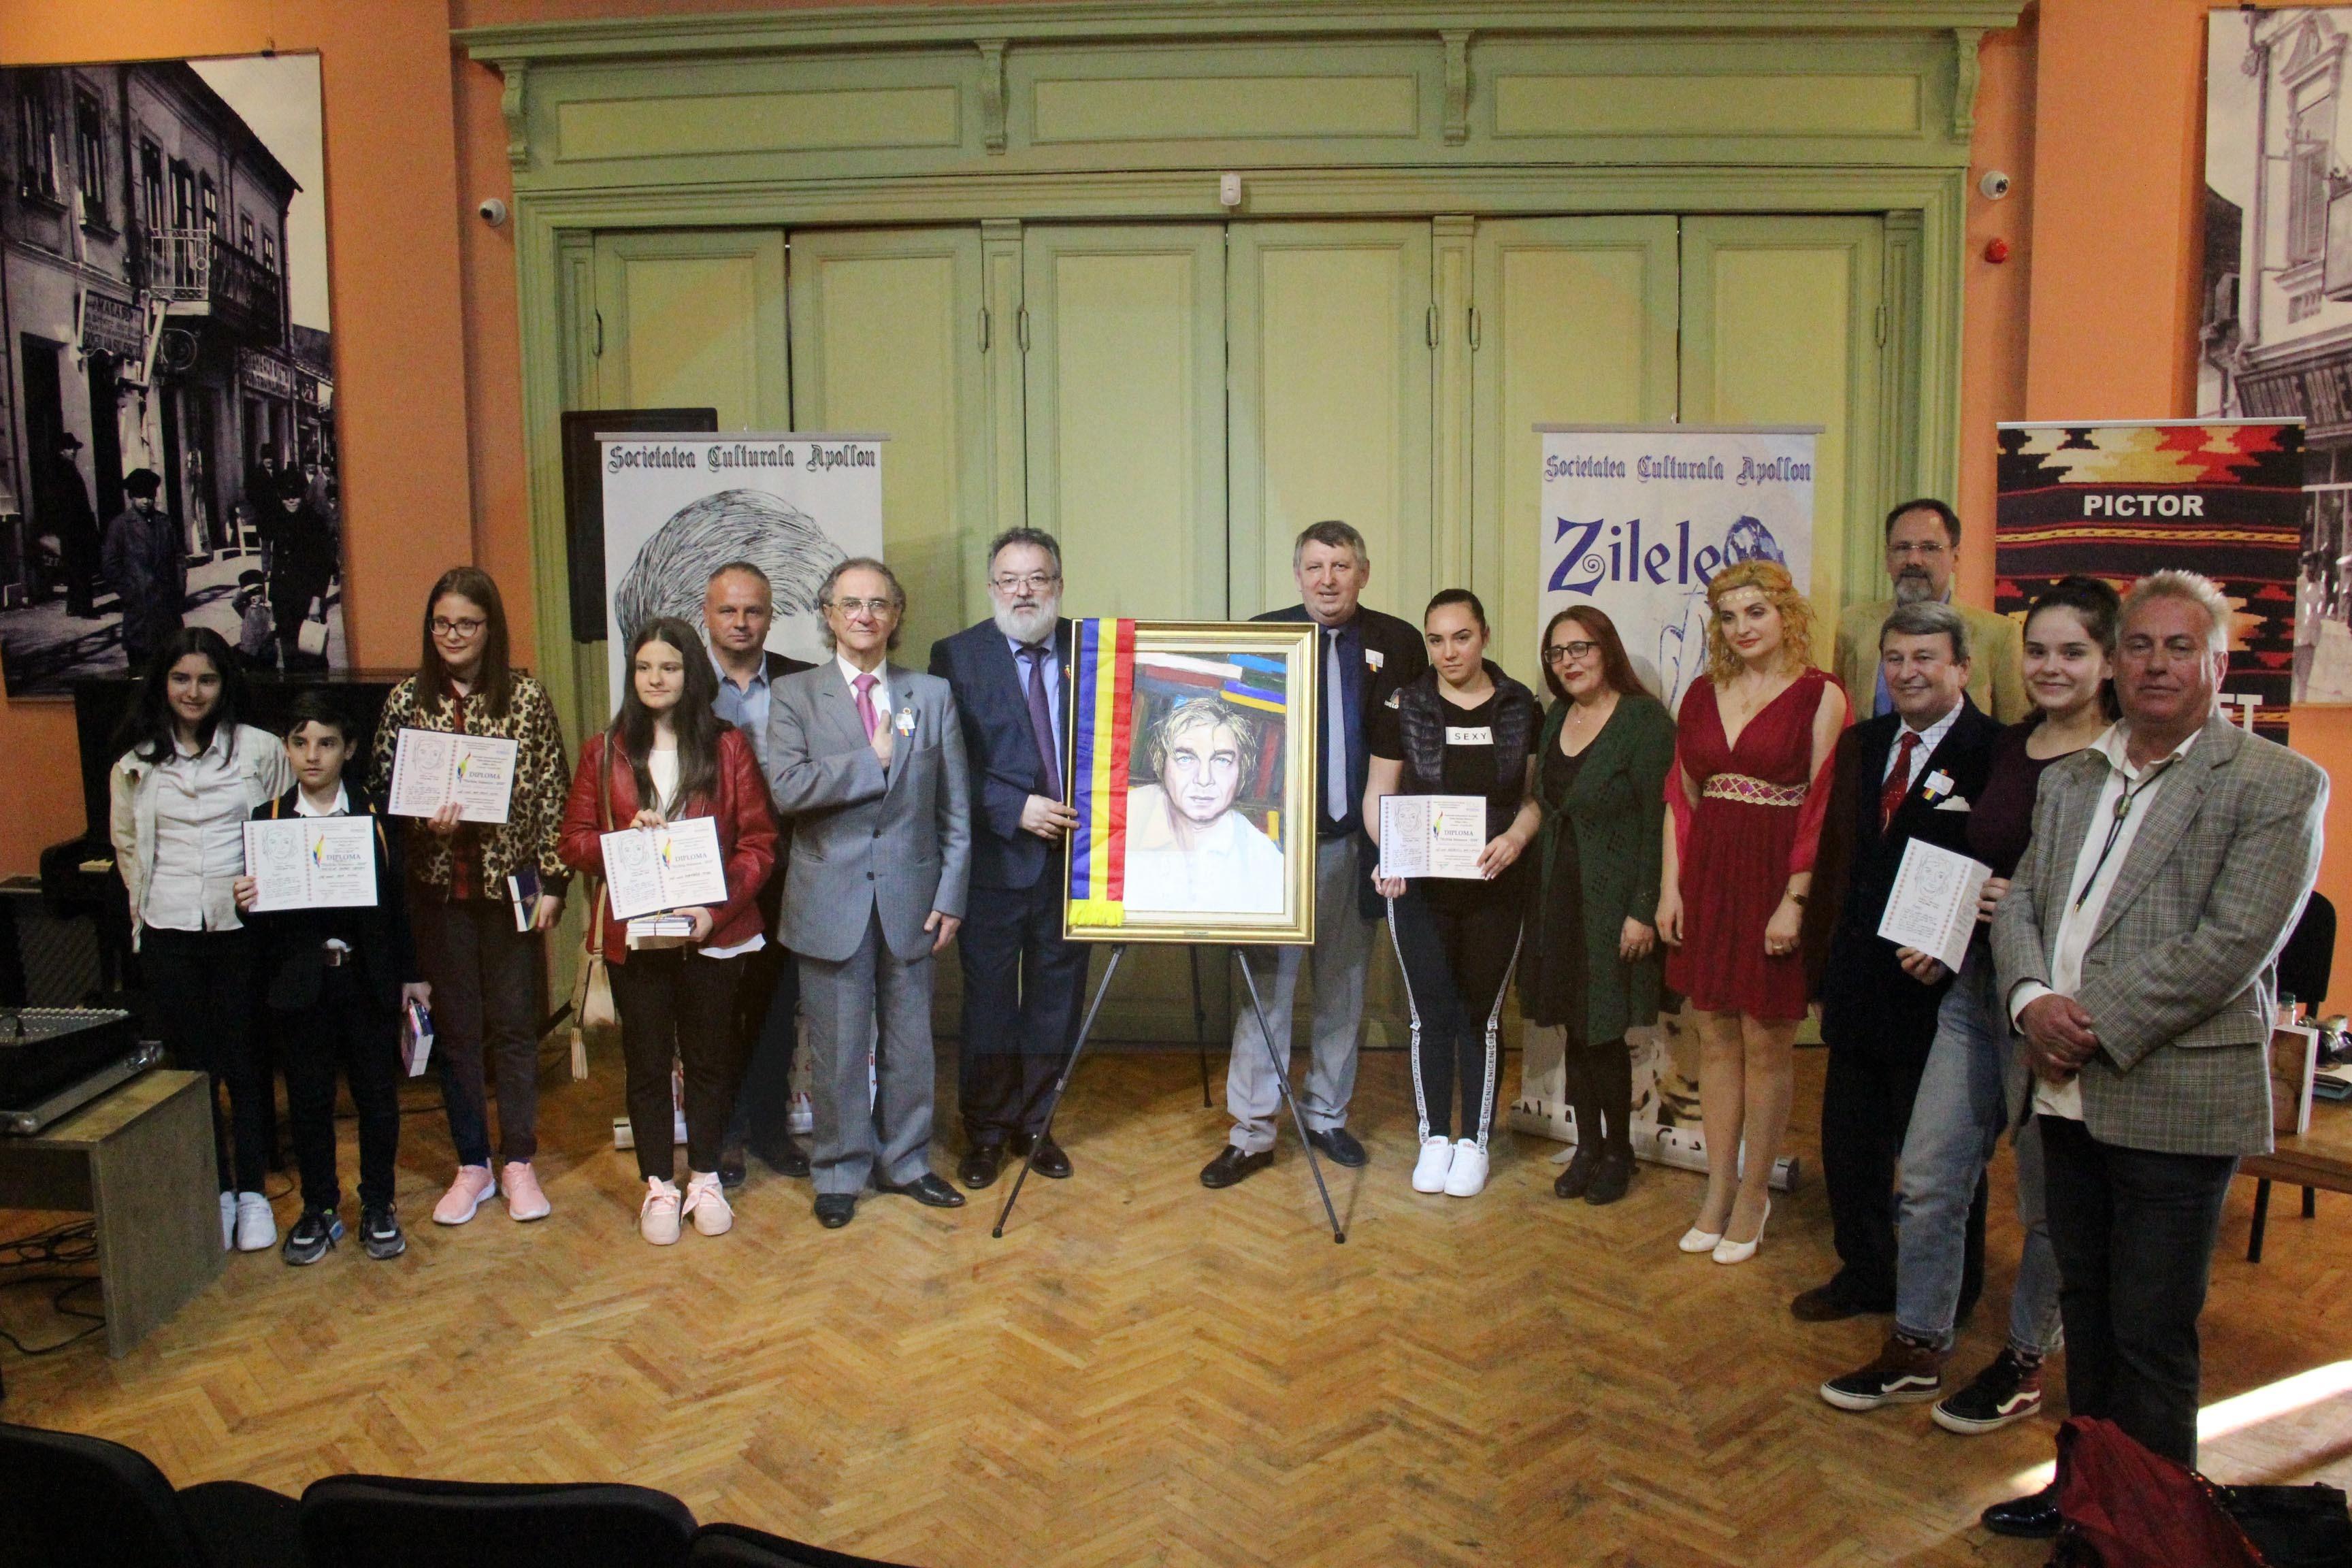 """Câștigătorii concursurilor organizate în cadrul Festivalului Internațional de poezie """"Zilele Nichita Stănescu""""-editia a XII-a"""